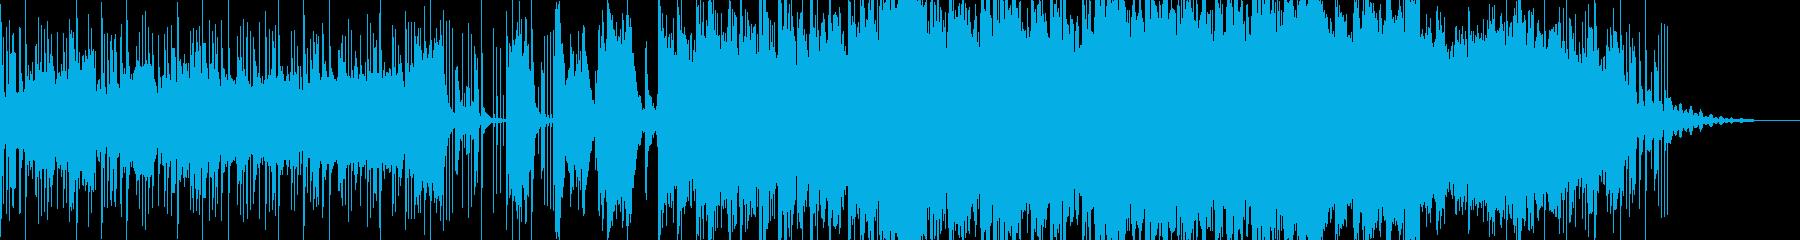 オーケストラ 男声コーラス 勇敢になったの再生済みの波形